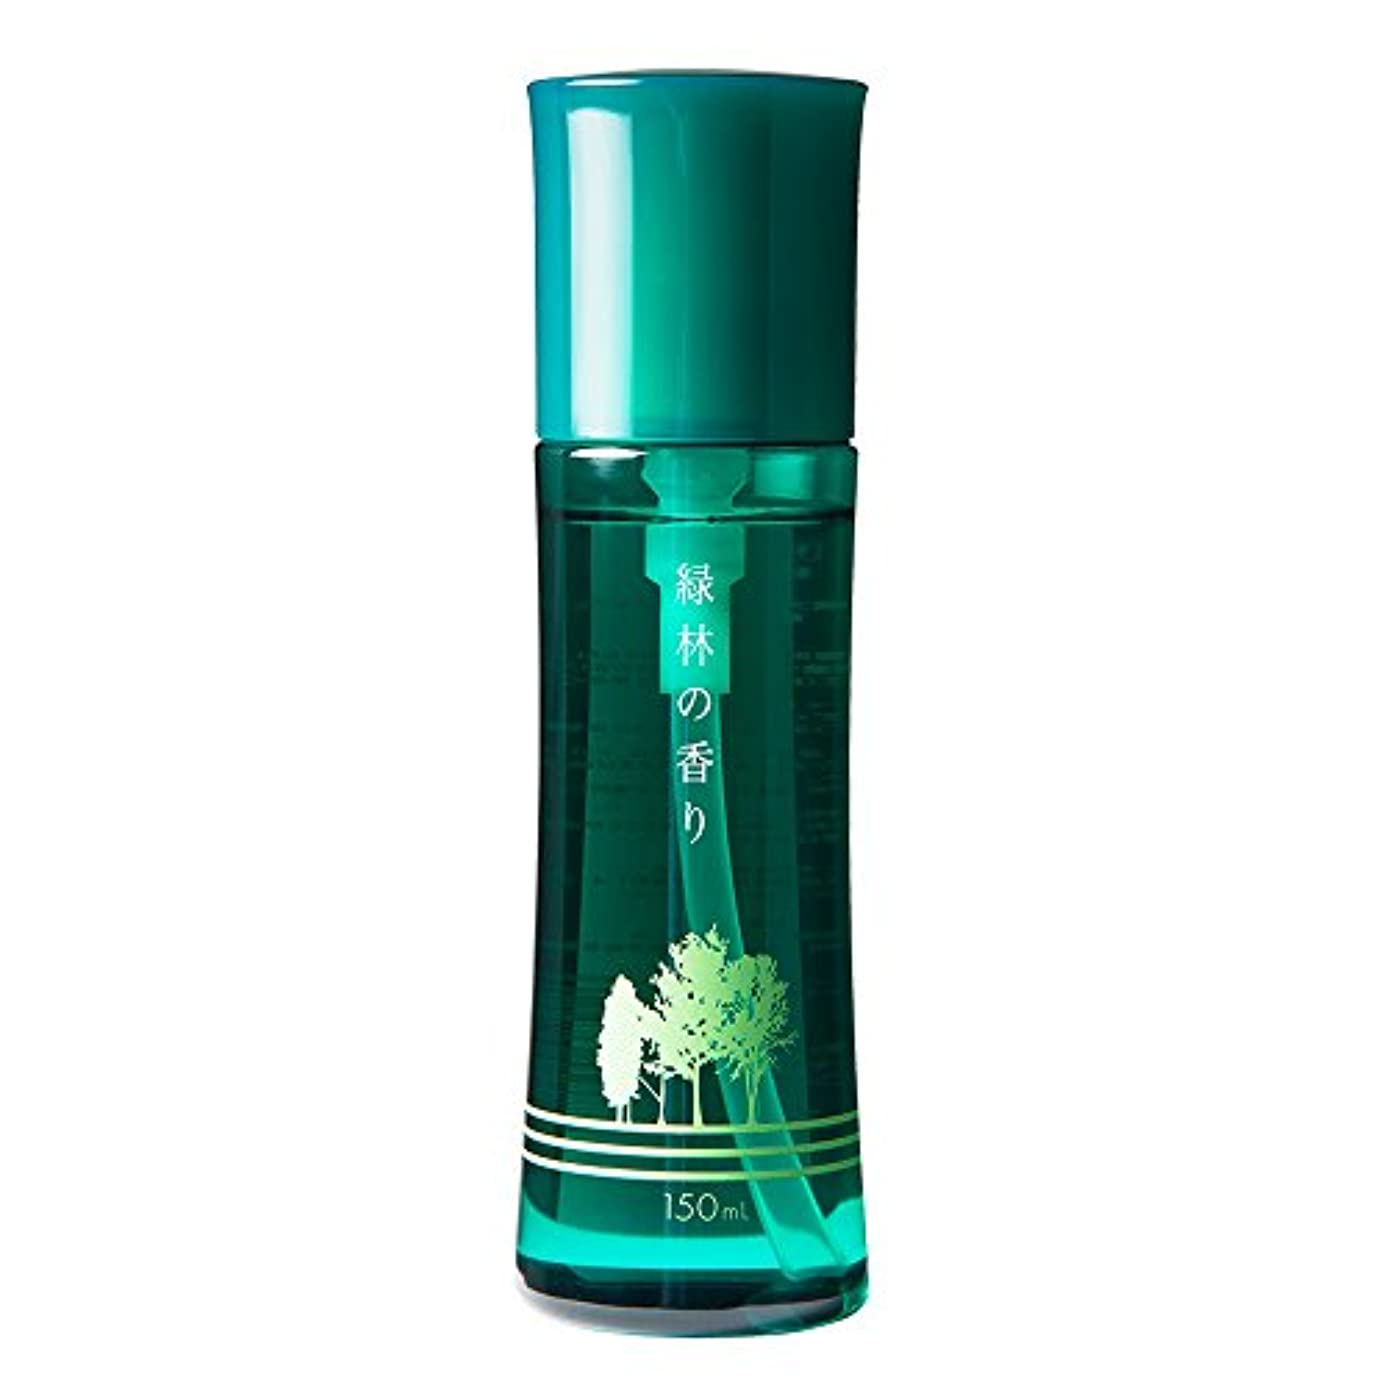 財布ダイジェスト悲惨な芳香剤「緑林の香り(みどりの香り)」150mL 日本予防医薬